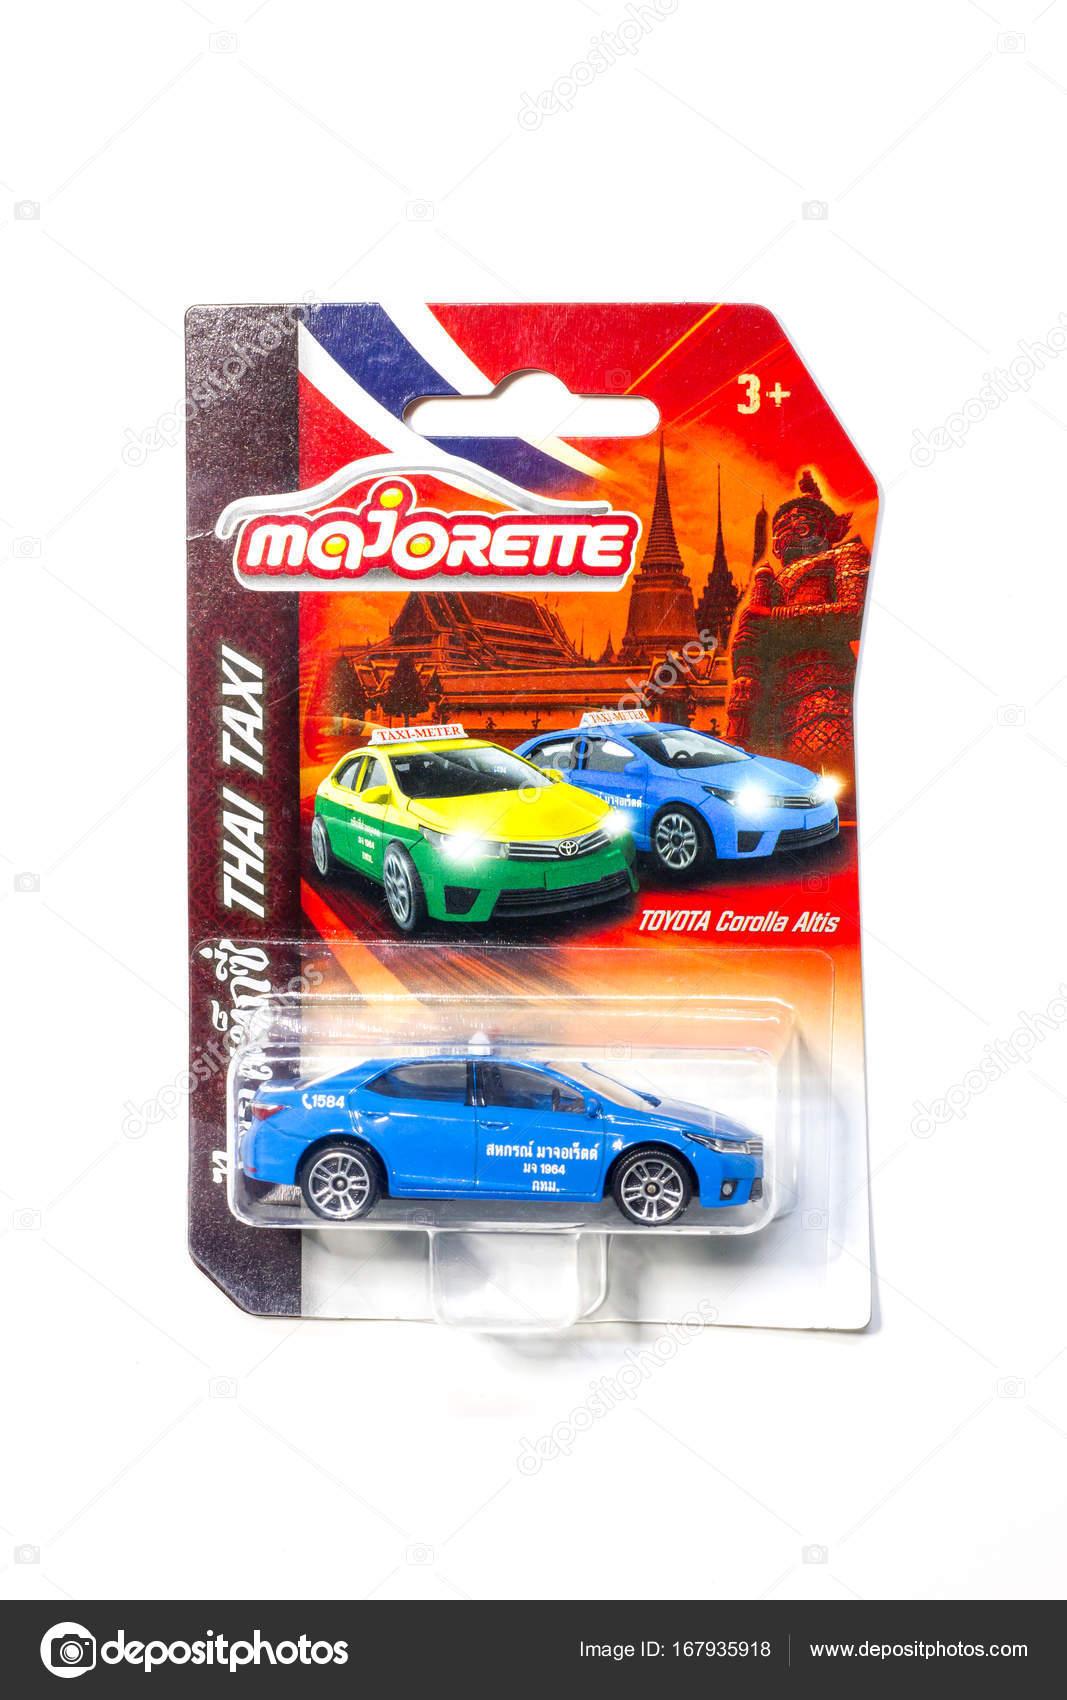 Diecast De Jouet Majorette Thaïlande Pack Voiture Taxi yv0wmnNO8